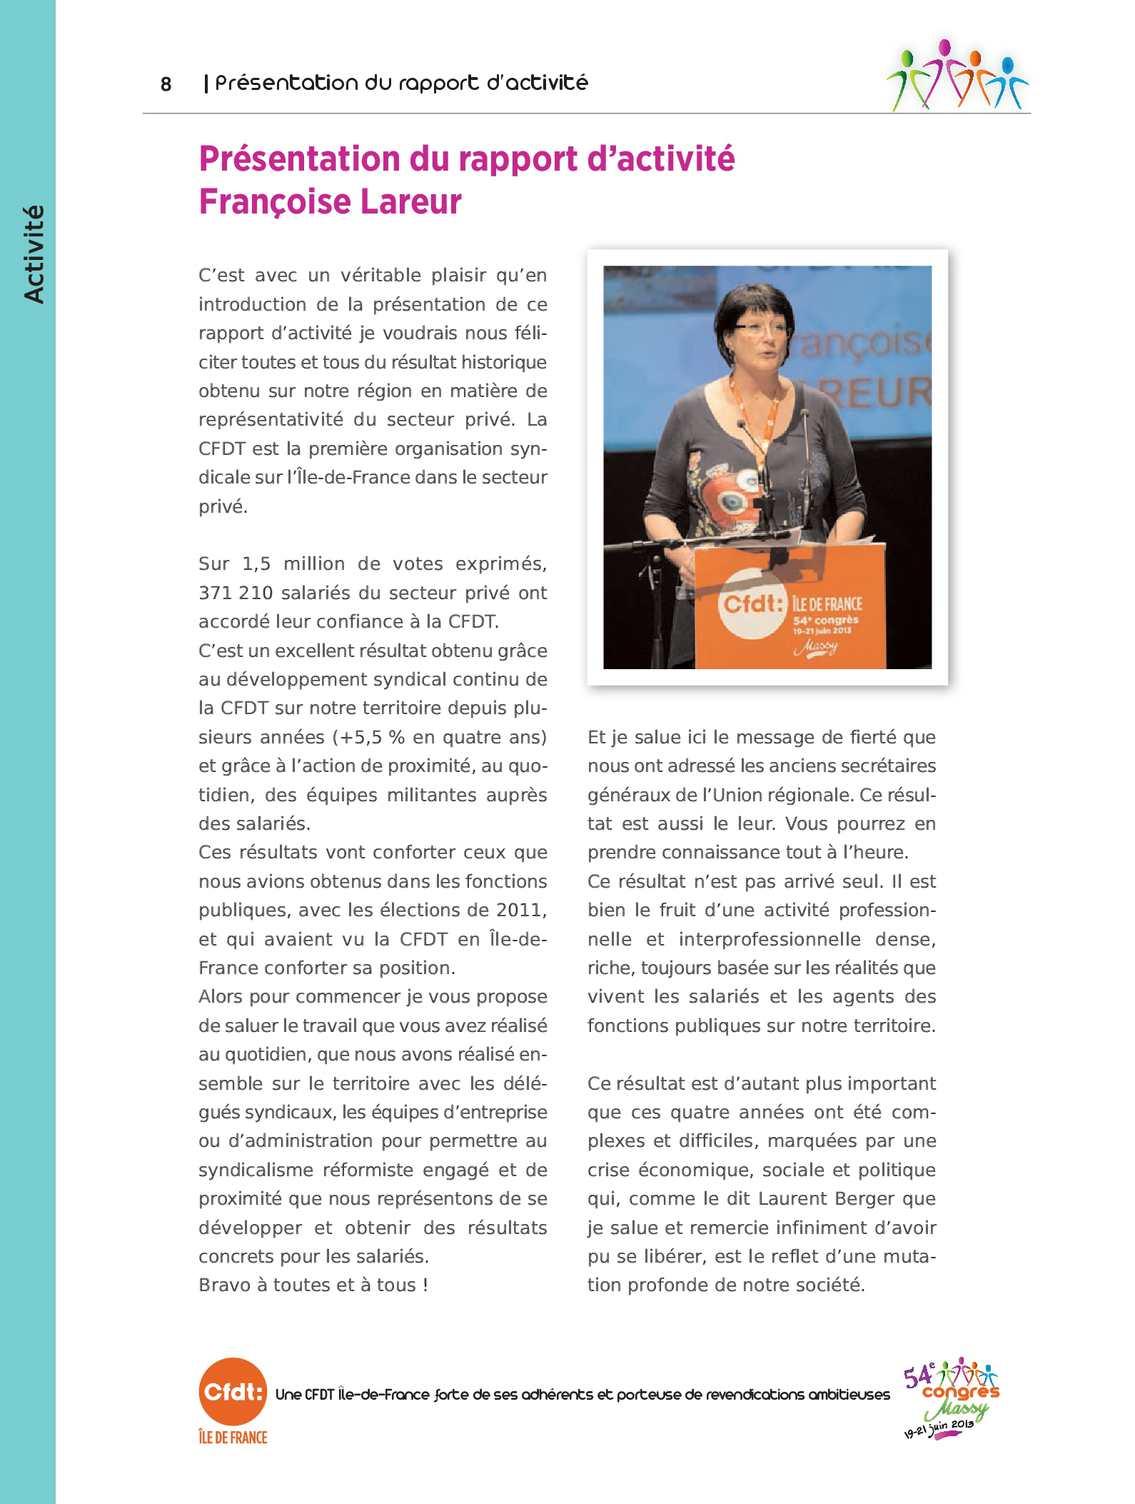 Calameo Presentation Du Rapport D Activite Par Francoise Lareur